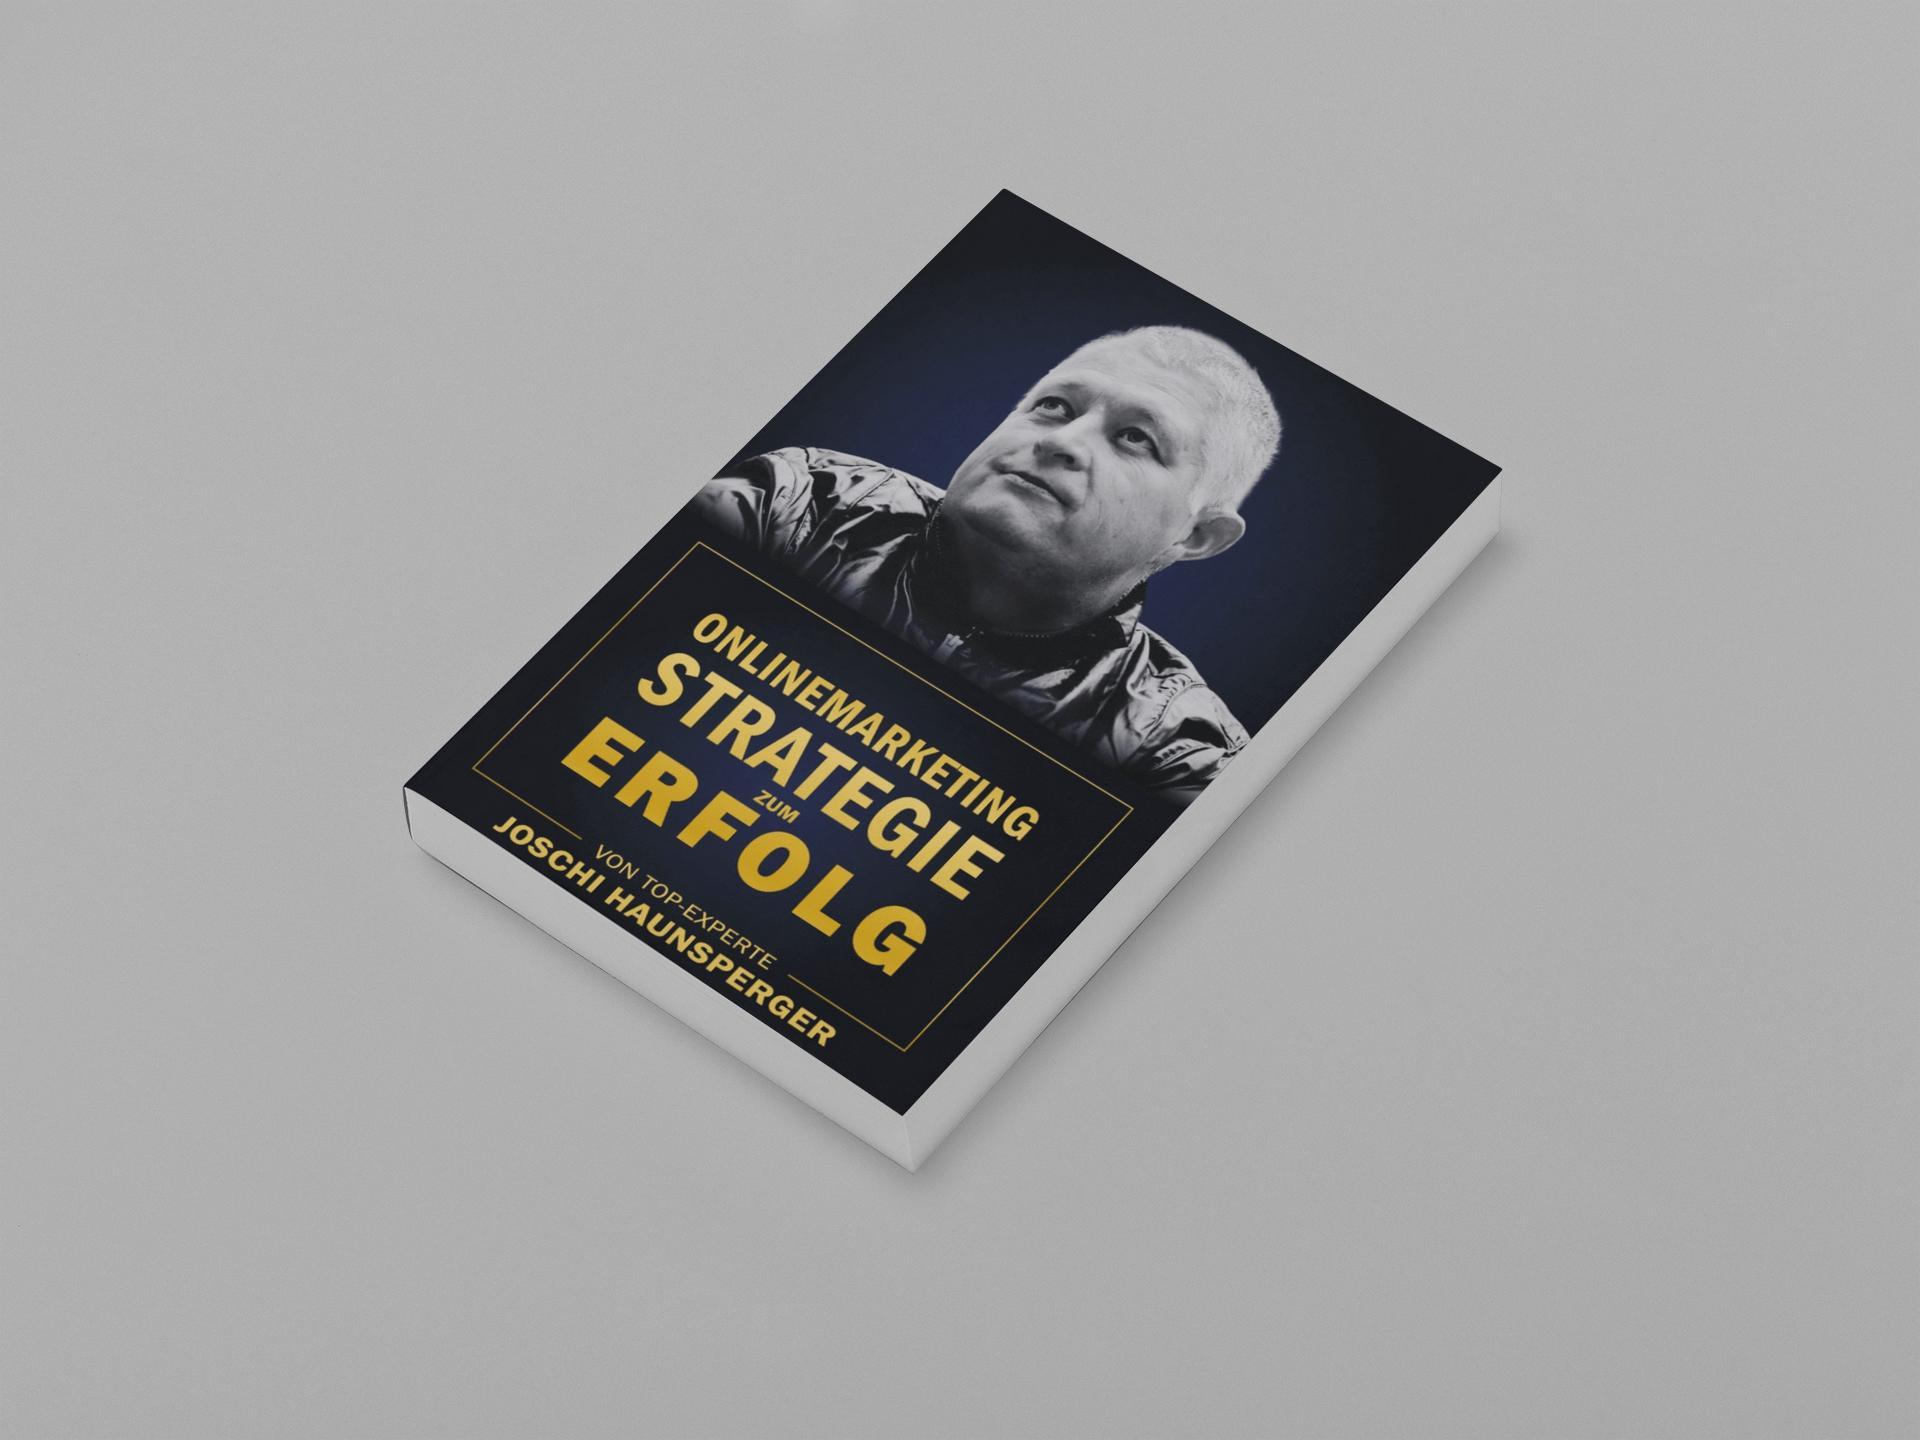 Ab heute neues gratis Buch auf dem Markt